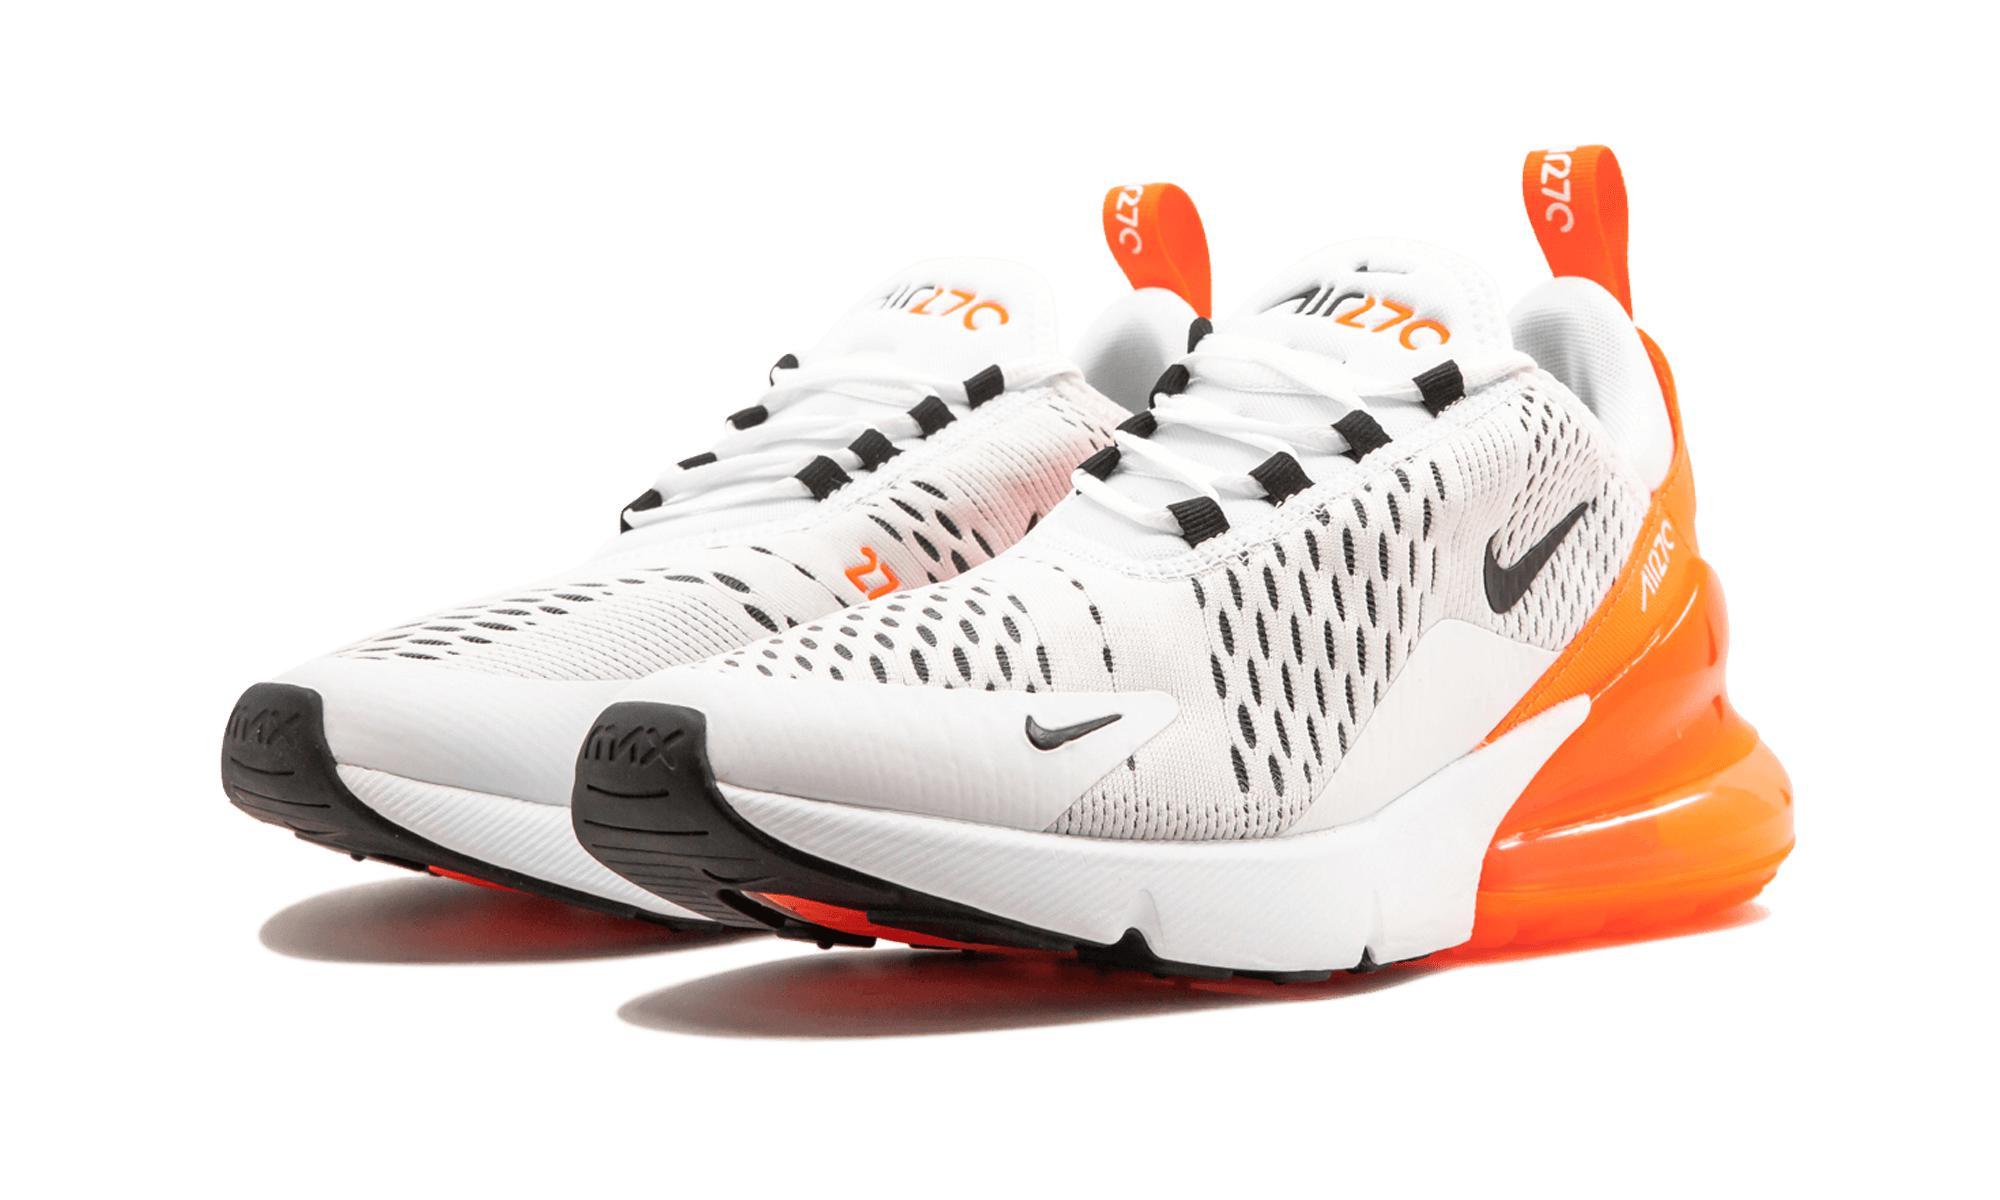 45ef1aa33f nike sales associate jobs, Nike Air Max 2017 Running Shoes Women ... air  max 279